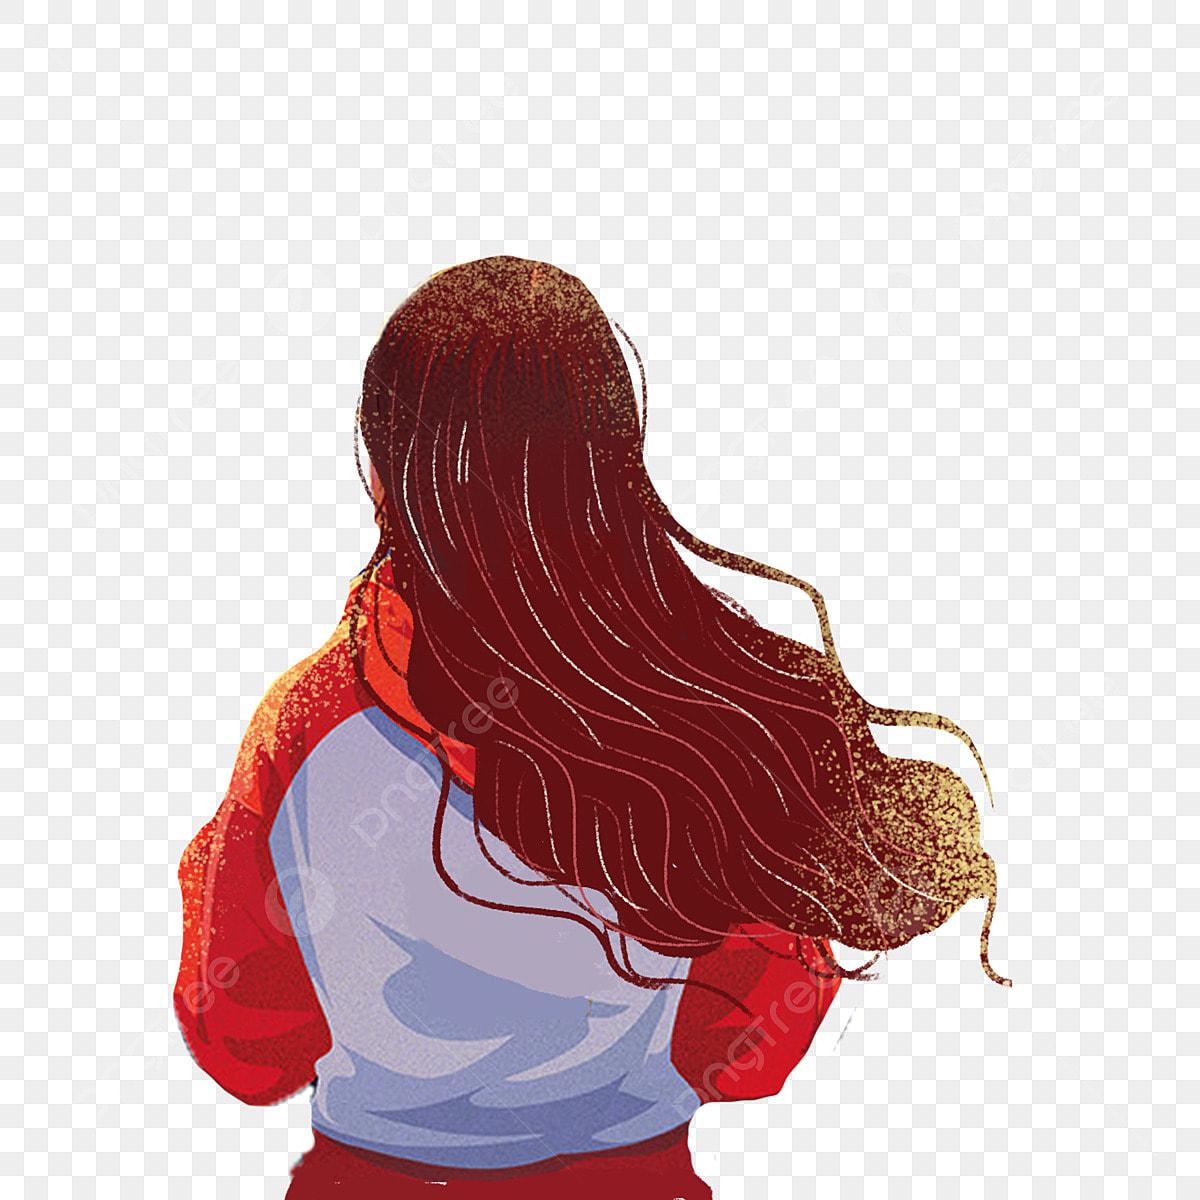 Gambar Kartun Wanita Rambut Panjang Gambar Kartun Gadis Rambut Panjang Rambut Terapung Kembali Cinta Gadis Rambut Panjang Kembali Angka Bebas Ilustrasi Butang Percuma Png Dan Psd Untuk Muat Turun Percuma